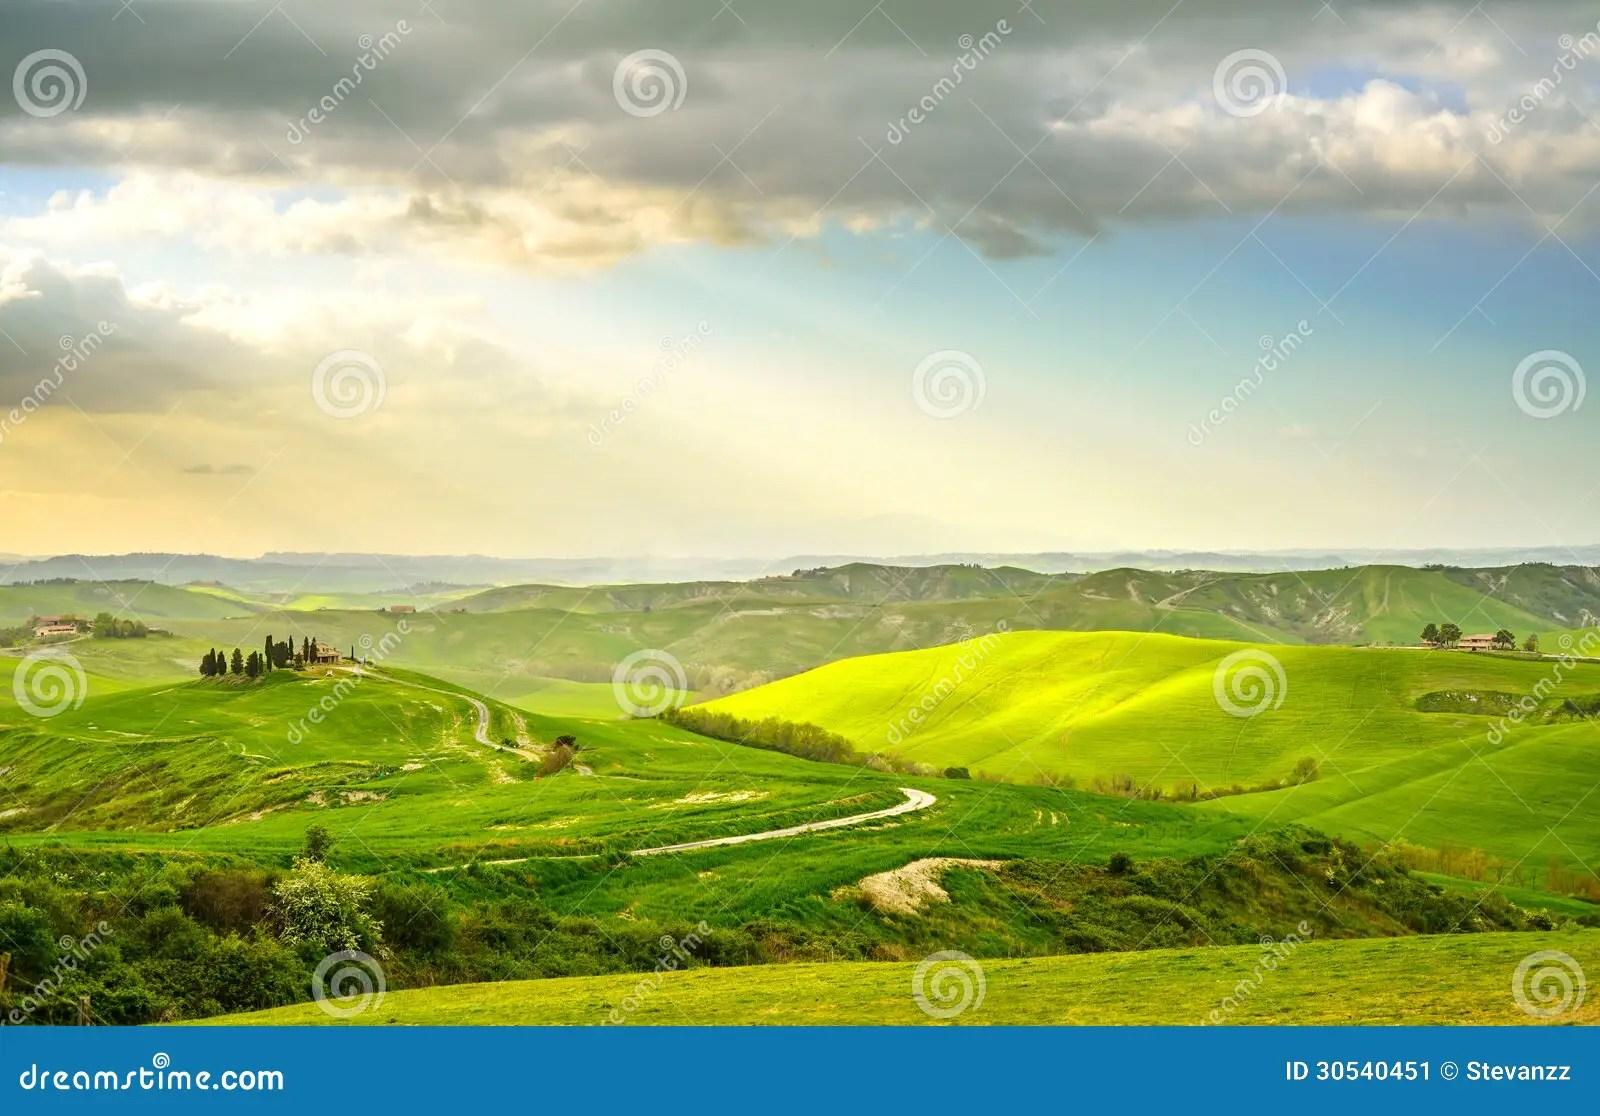 La Toscana Paesaggio Rurale Di Tramonto Azienda Agricola